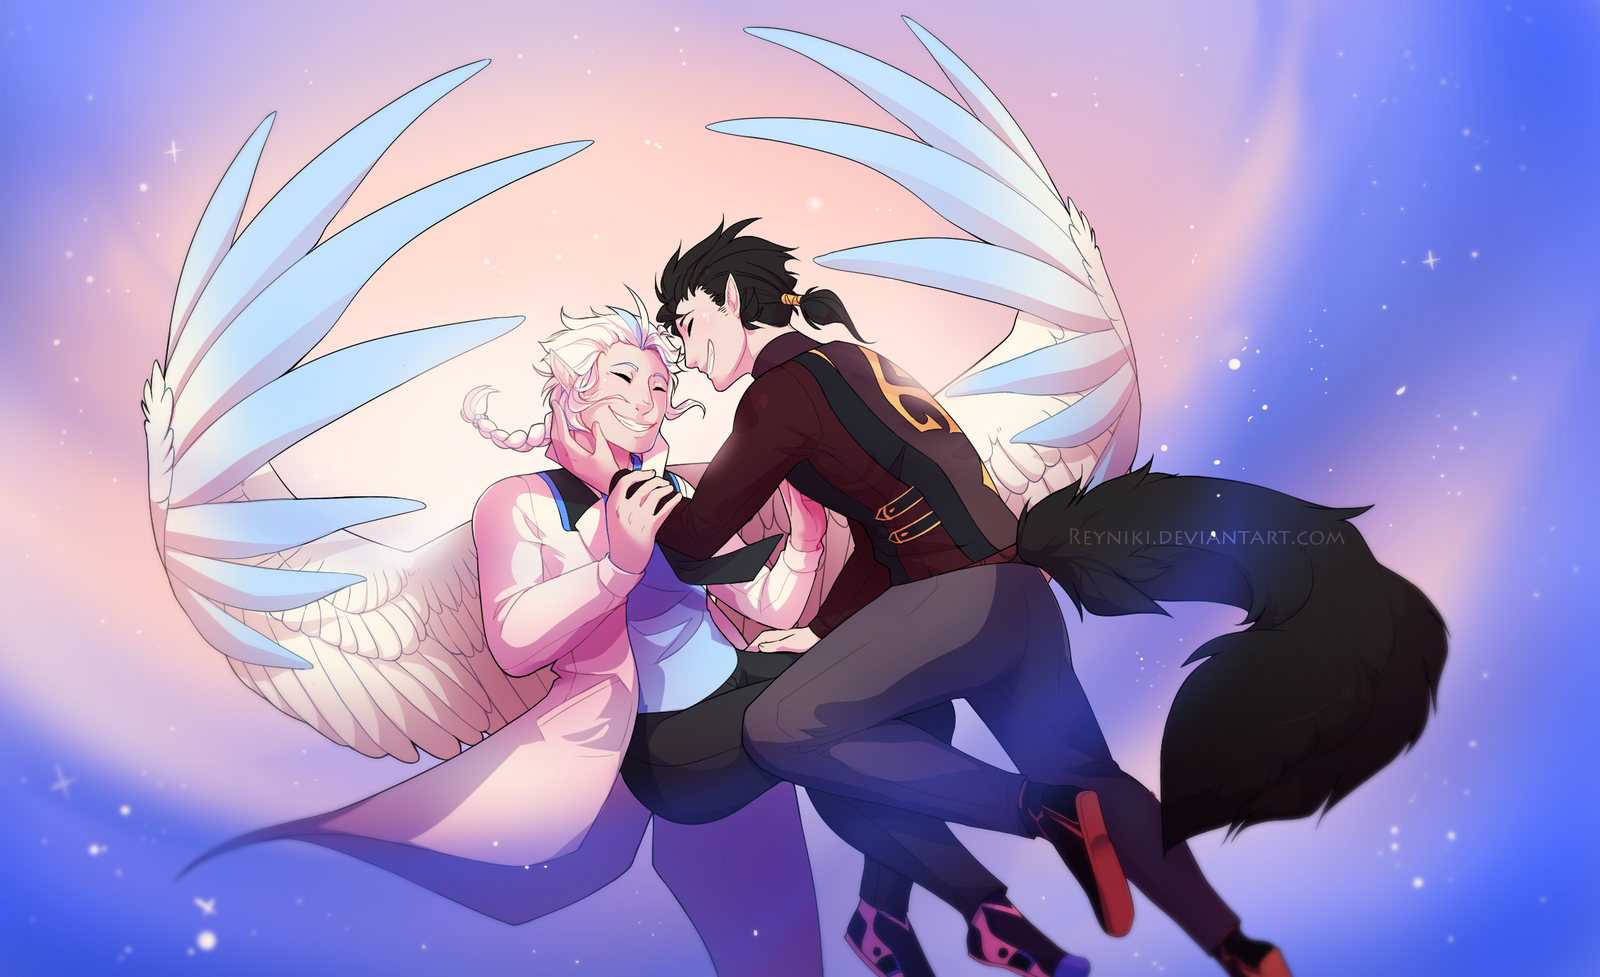 [Redraw] Falling for You by Reyniki